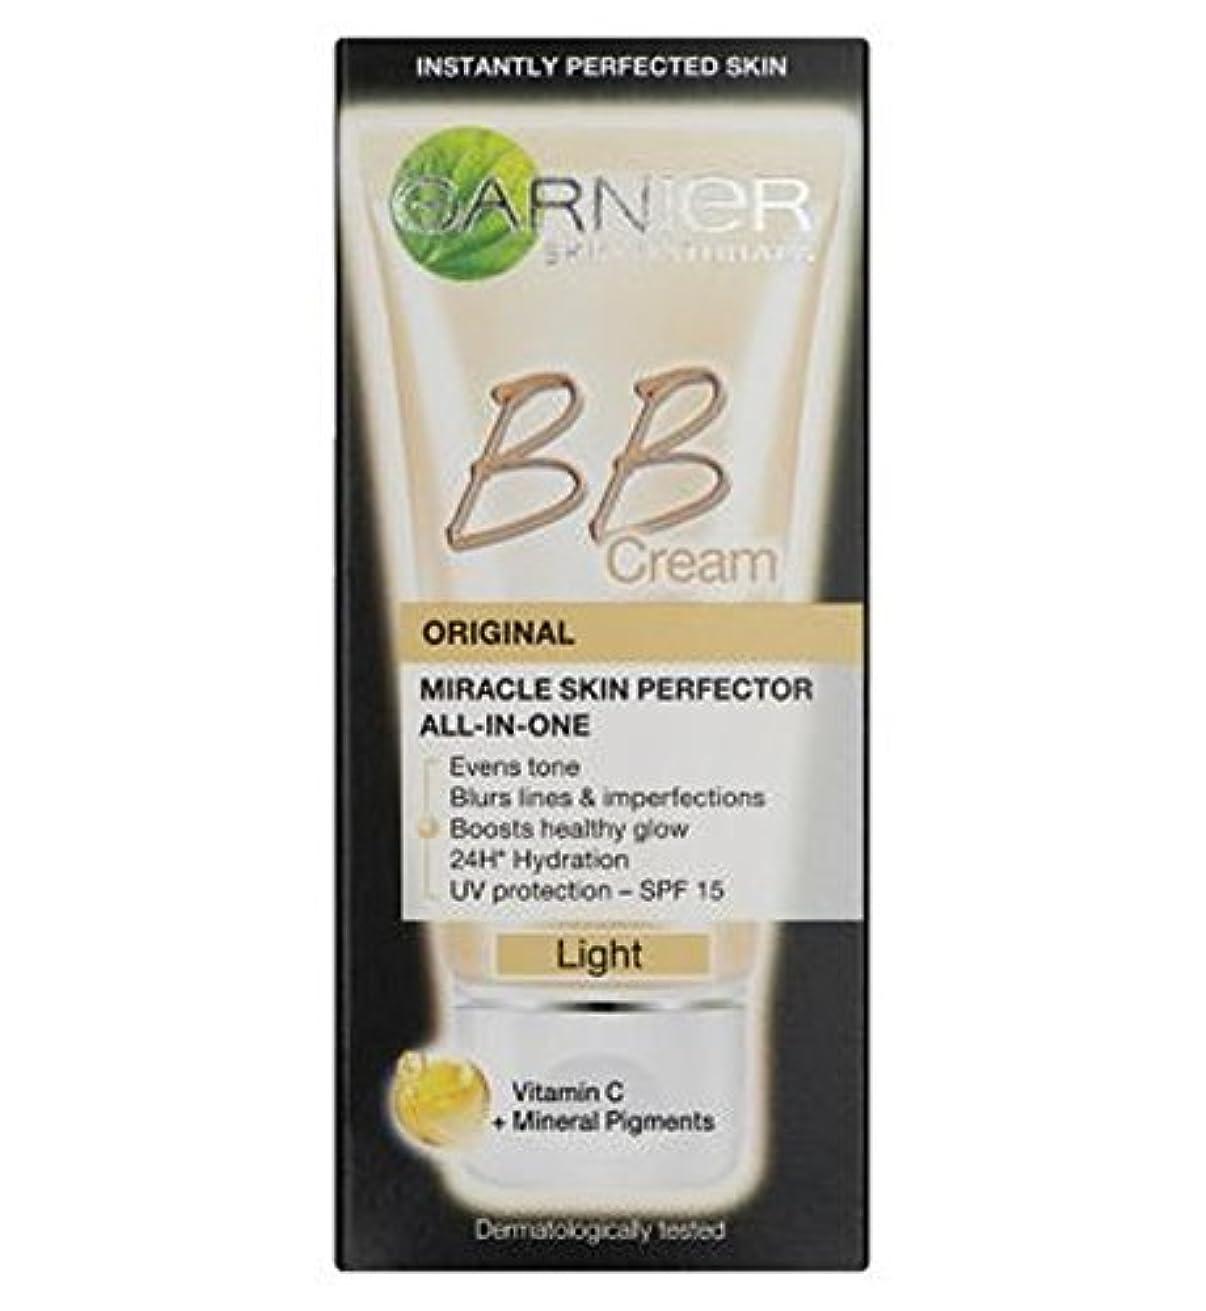 買い物に行く湖説教Garnier Skin Perfector Daily All-In-One B.B. Blemish Balm Cream Light 50ml - 毎日オールインワンB.B.ガルニエスキンパーフェク傷バームクリームライト...